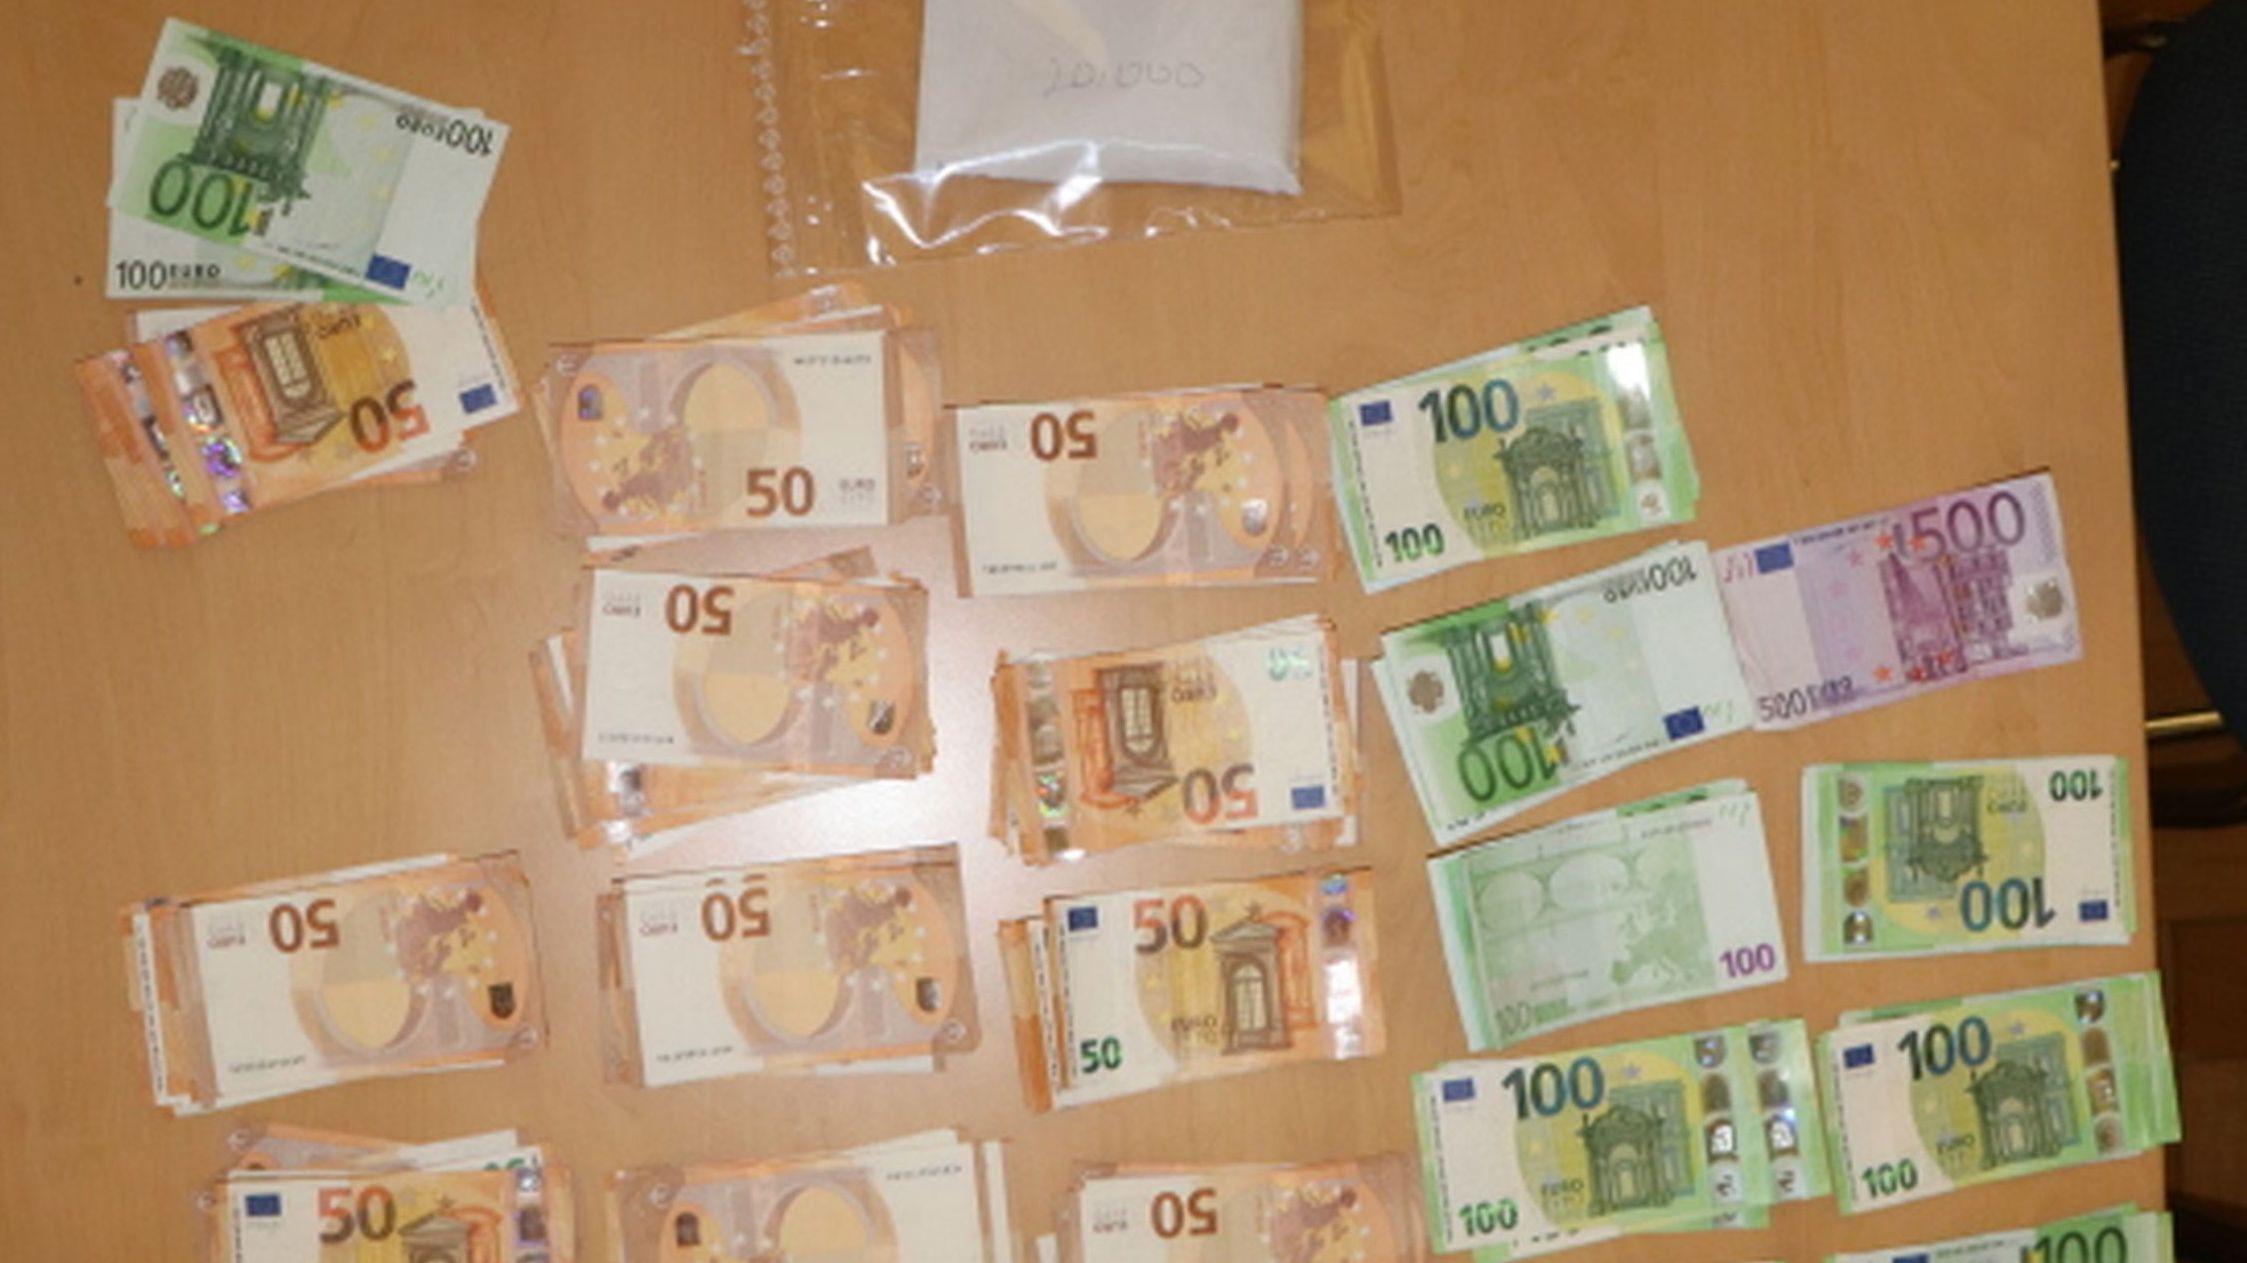 50- und 100-Euro-Scheine, die die Kripo sichergestellt hat, liegen auf einem Tisch.